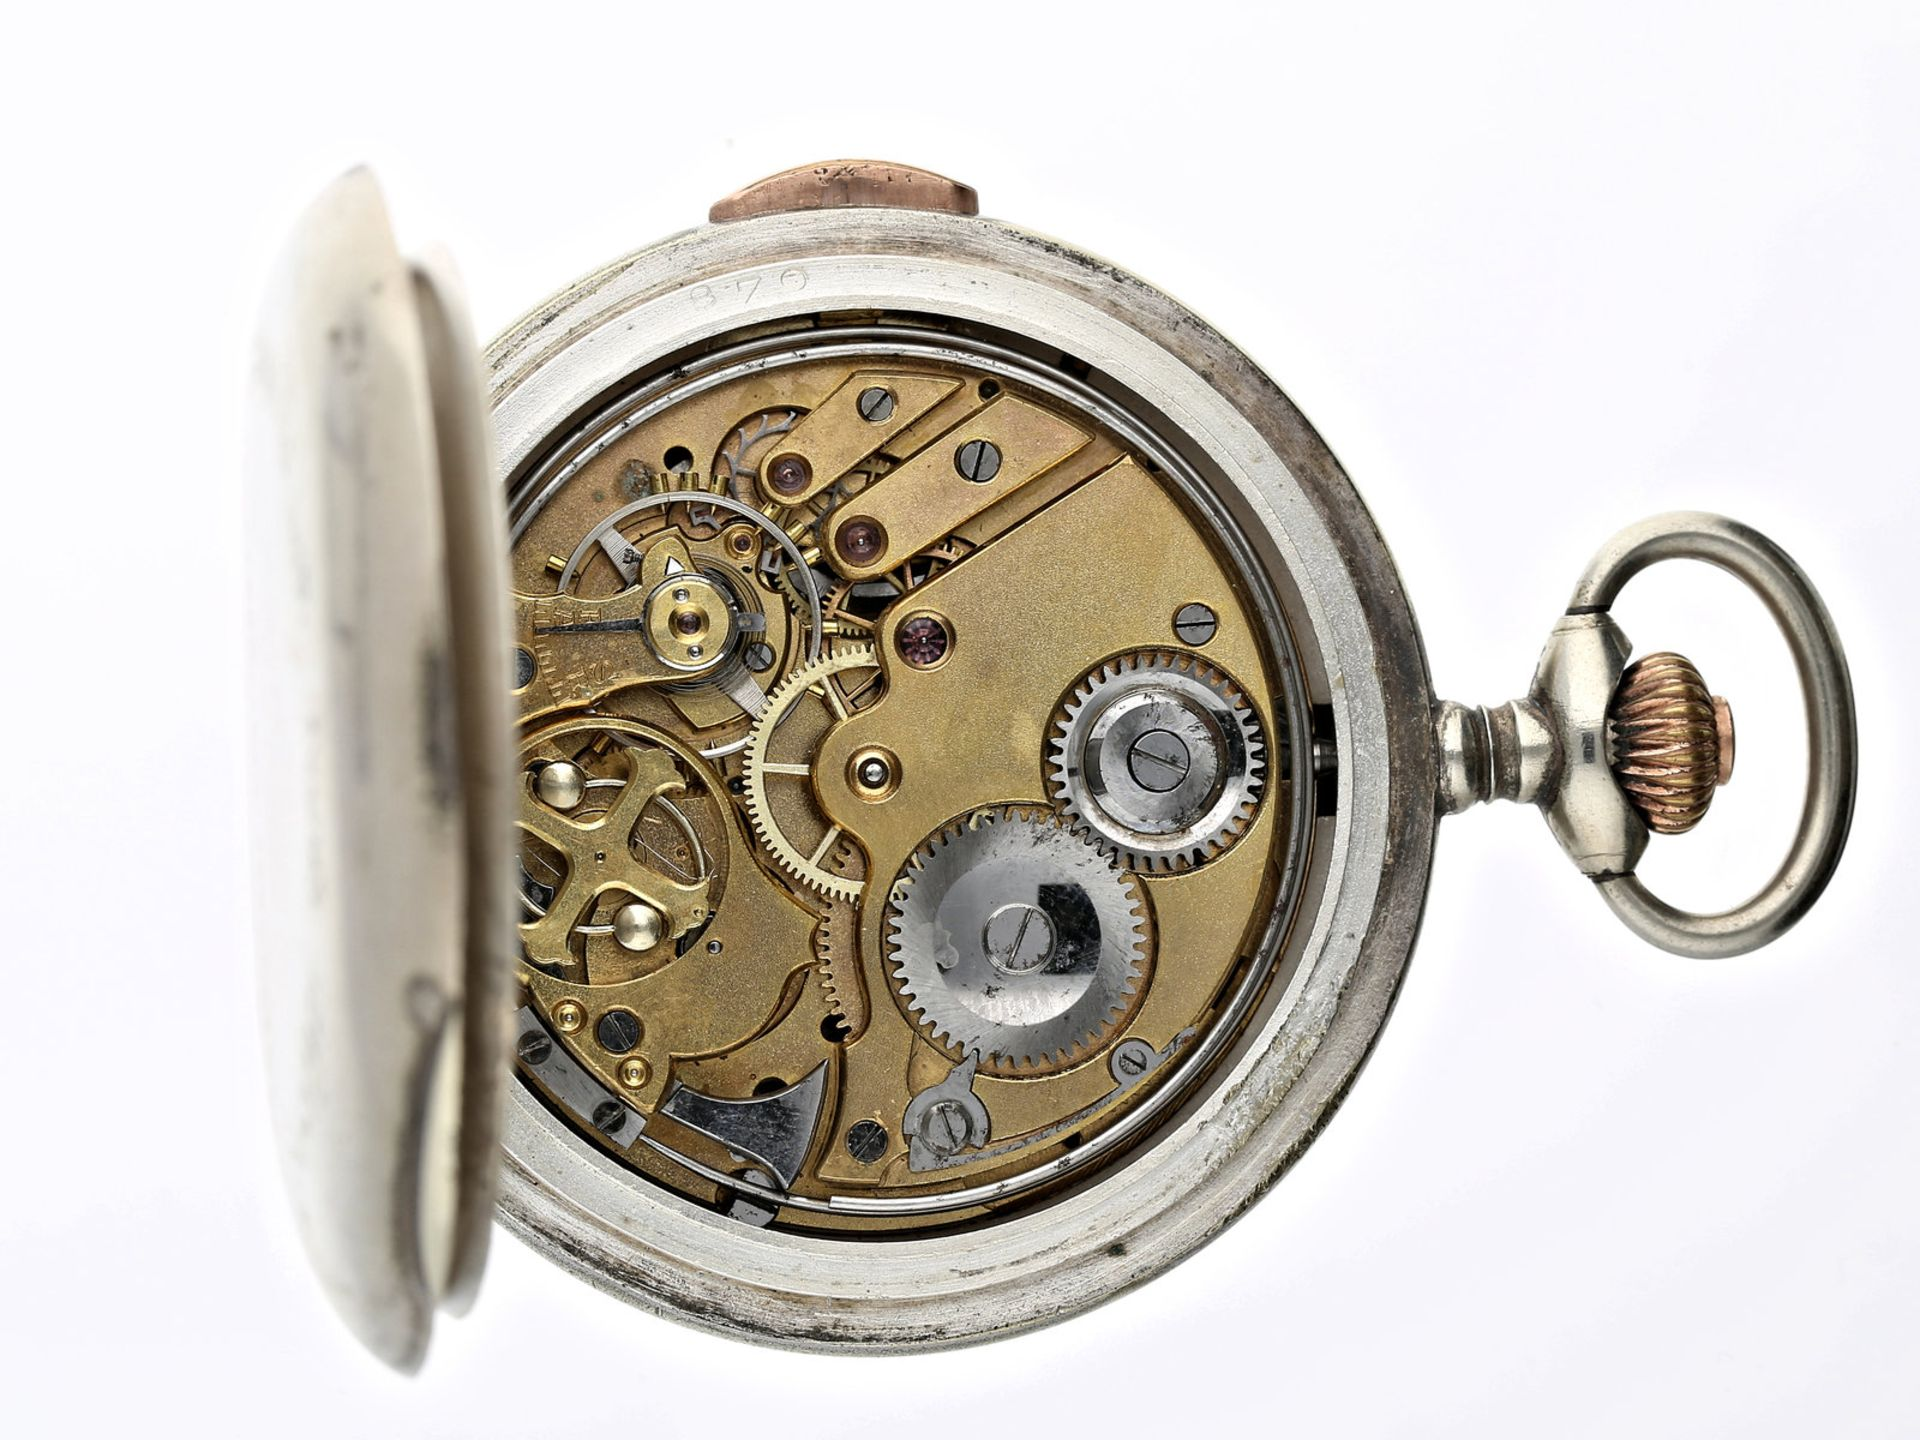 Taschenuhr: äußerst seltene Schweizer Blinden-Uhr mit Repetition, Gedenkausgabe anlässlich der Opfer - Bild 2 aus 2